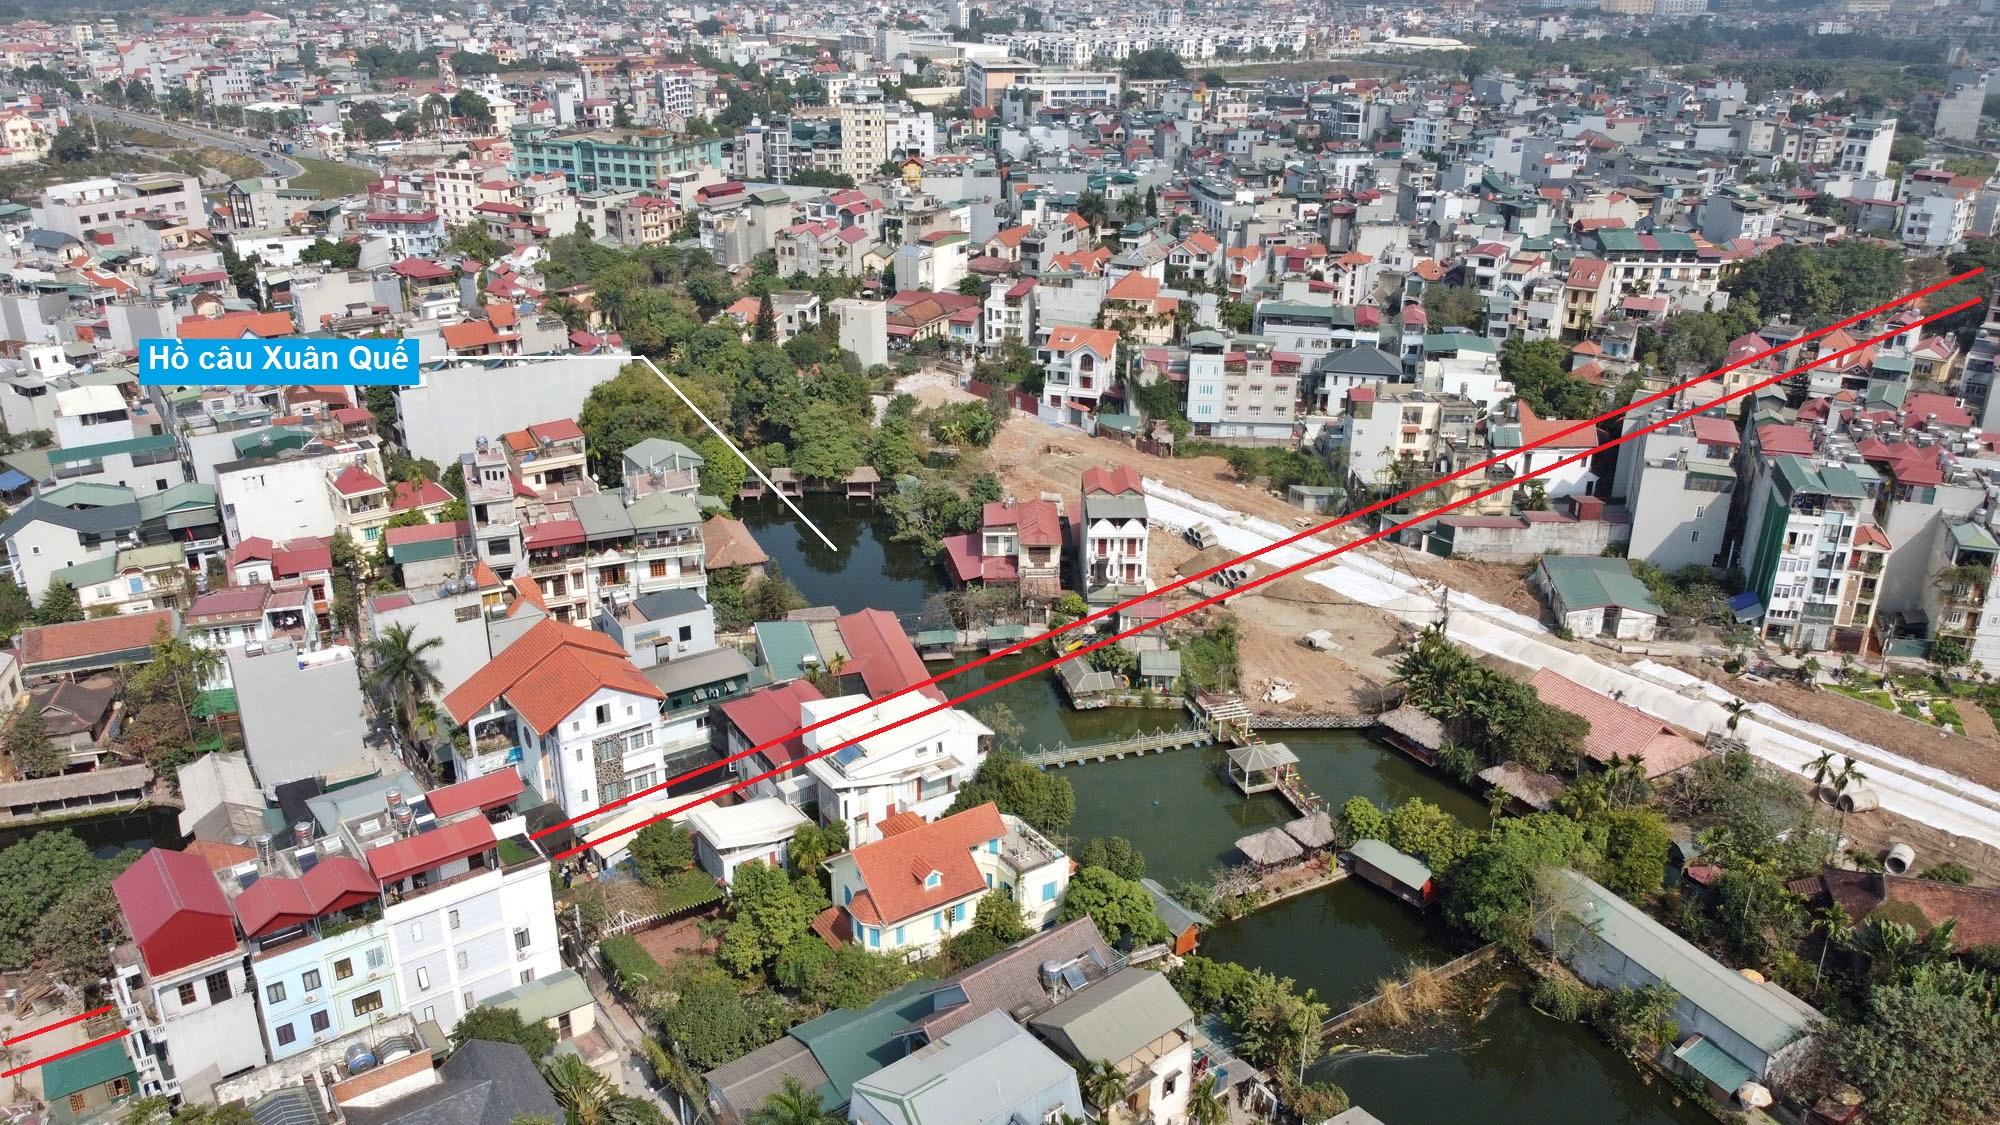 Ba đường mở theo qui hoạch ở phường Ngọc Thụy, Long Biên, Hà Nội (phần 2) - Ảnh 8.